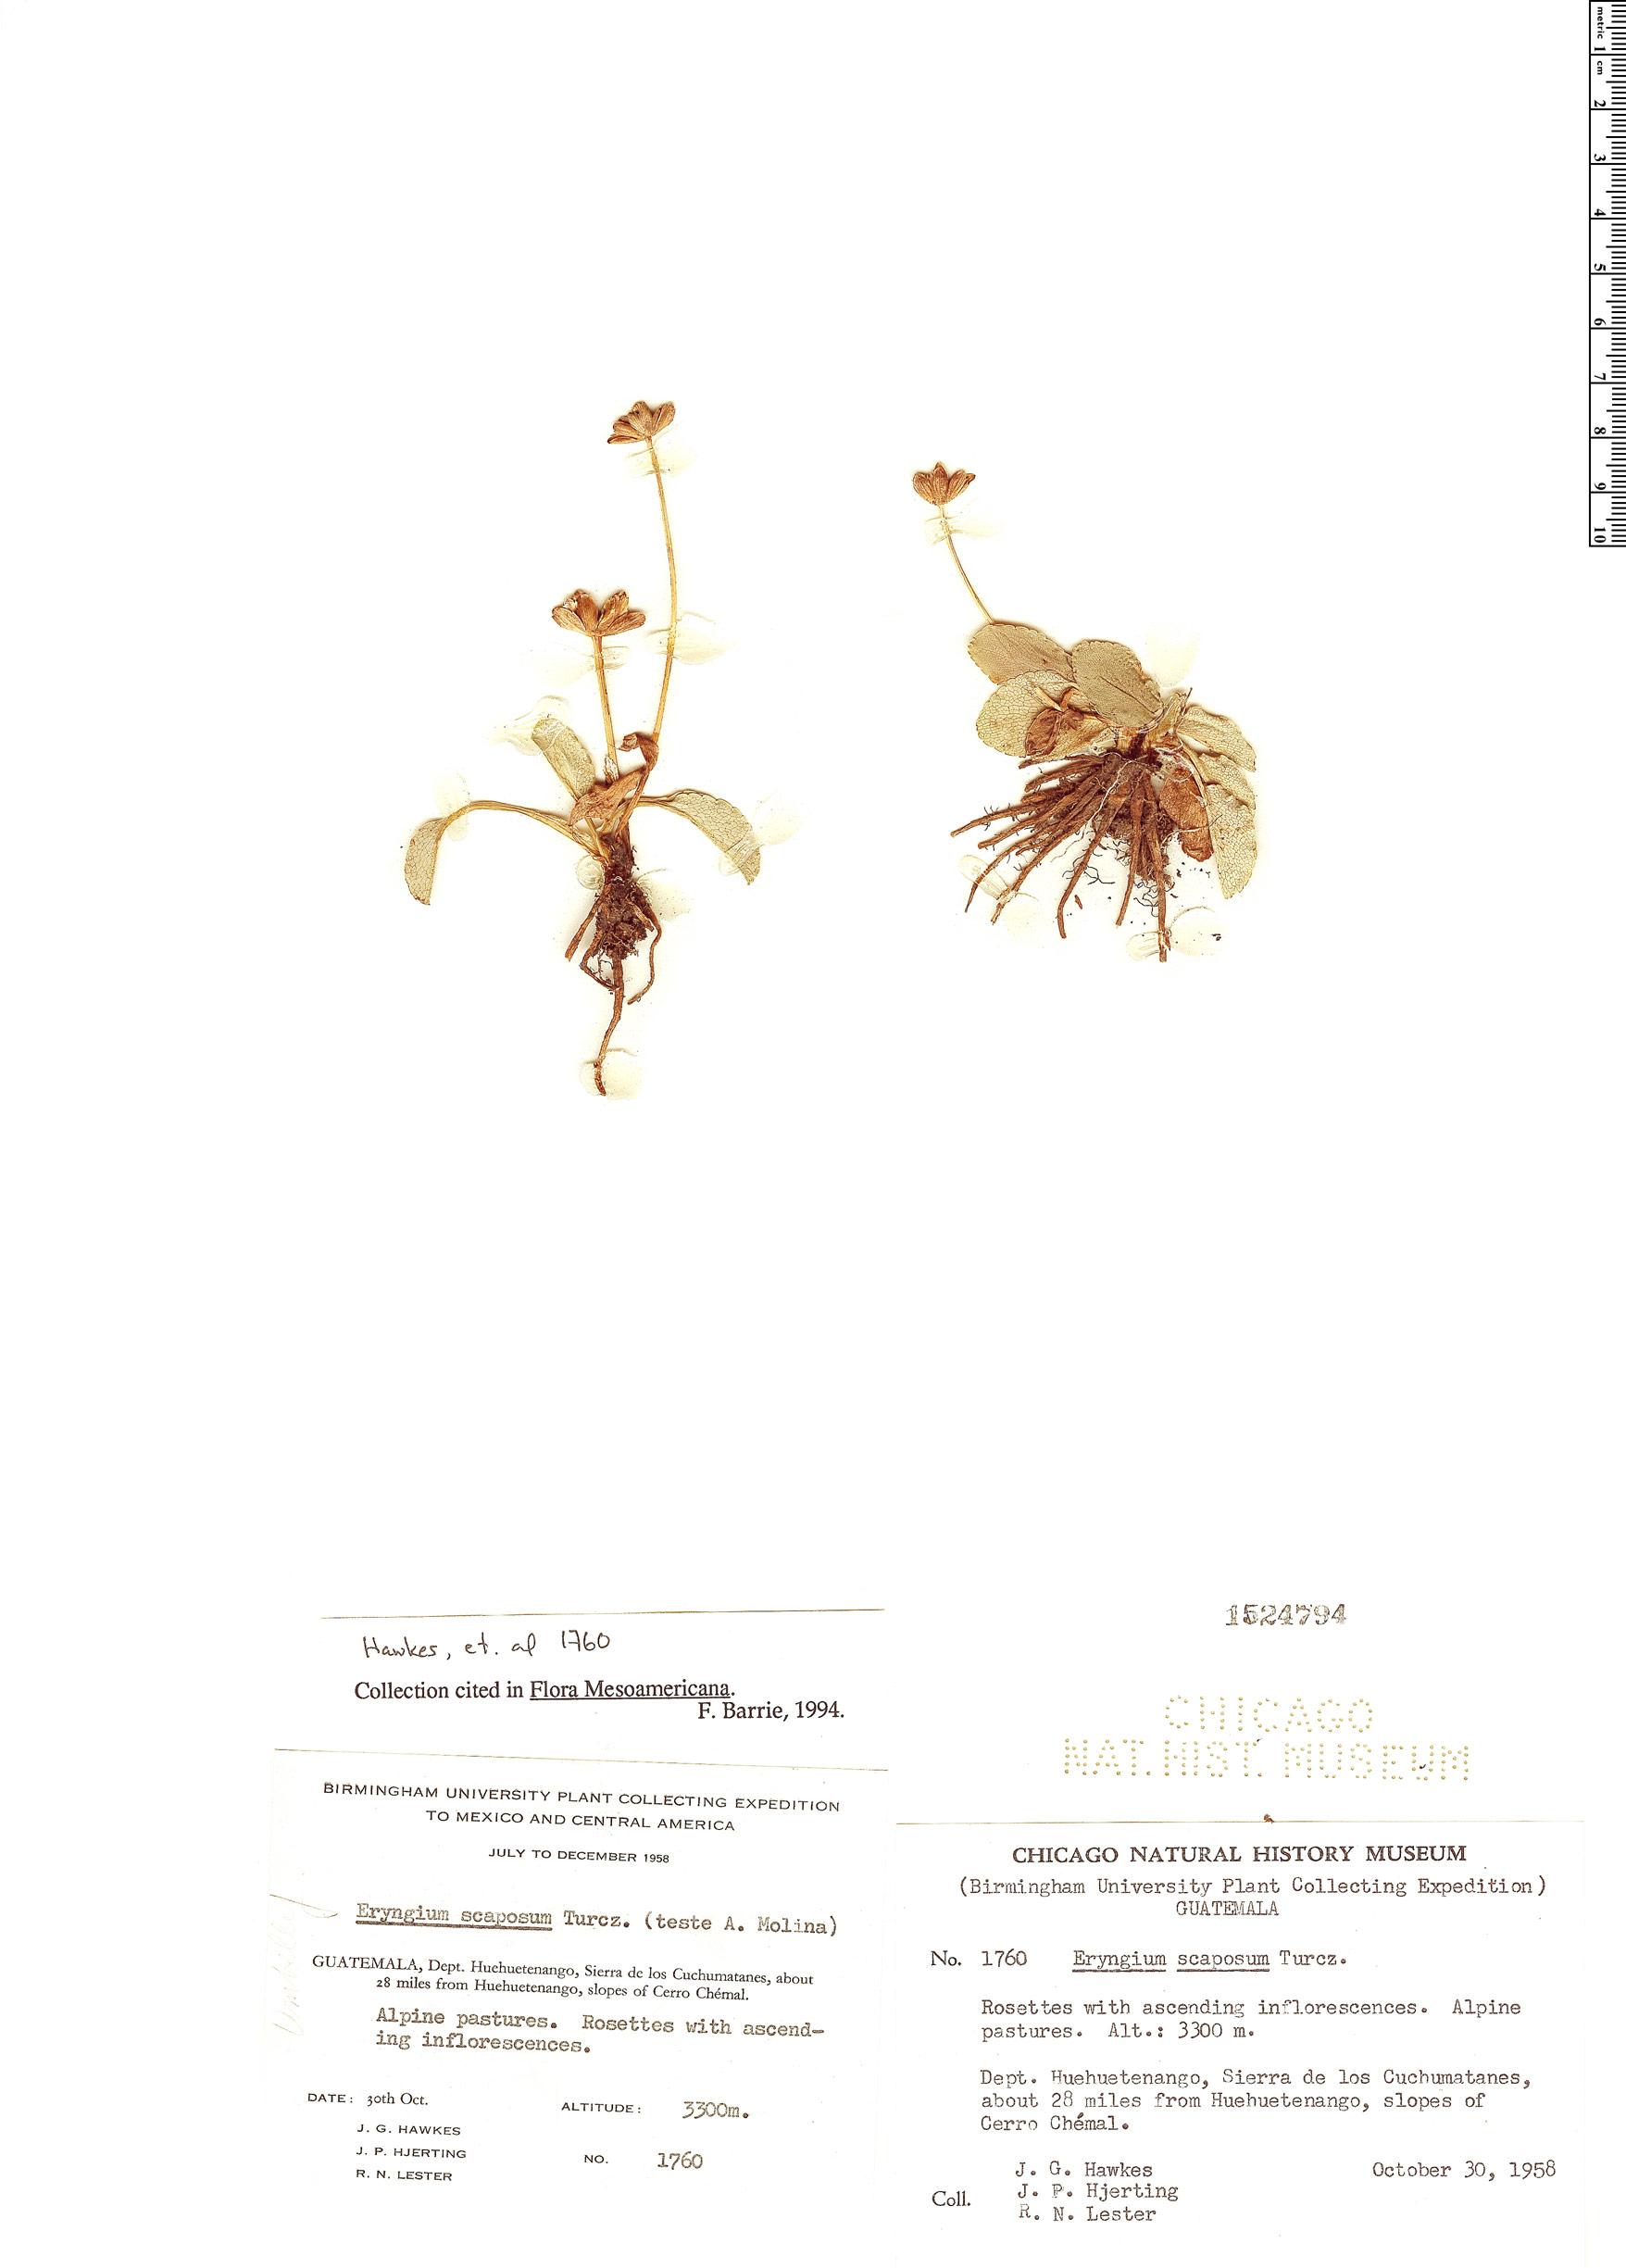 Specimen: Eryngium scaposum